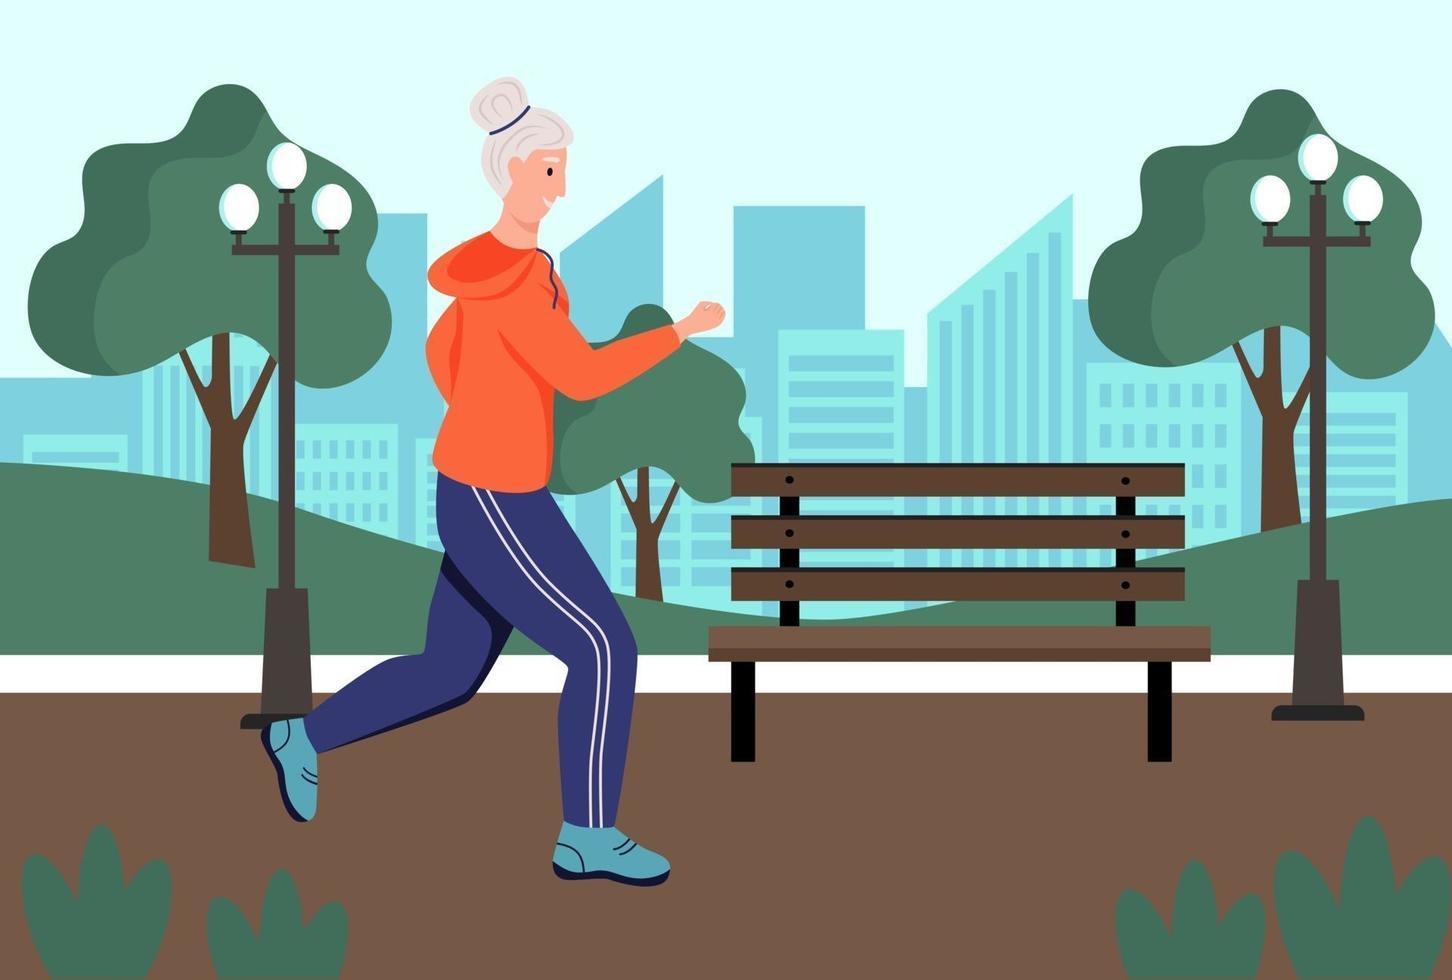 une femme âgée court dans le parc. le concept de vieillesse active, de sport et de course à pied. jour des personnes âgées. illustration vectorielle de dessin animé plat. vecteur